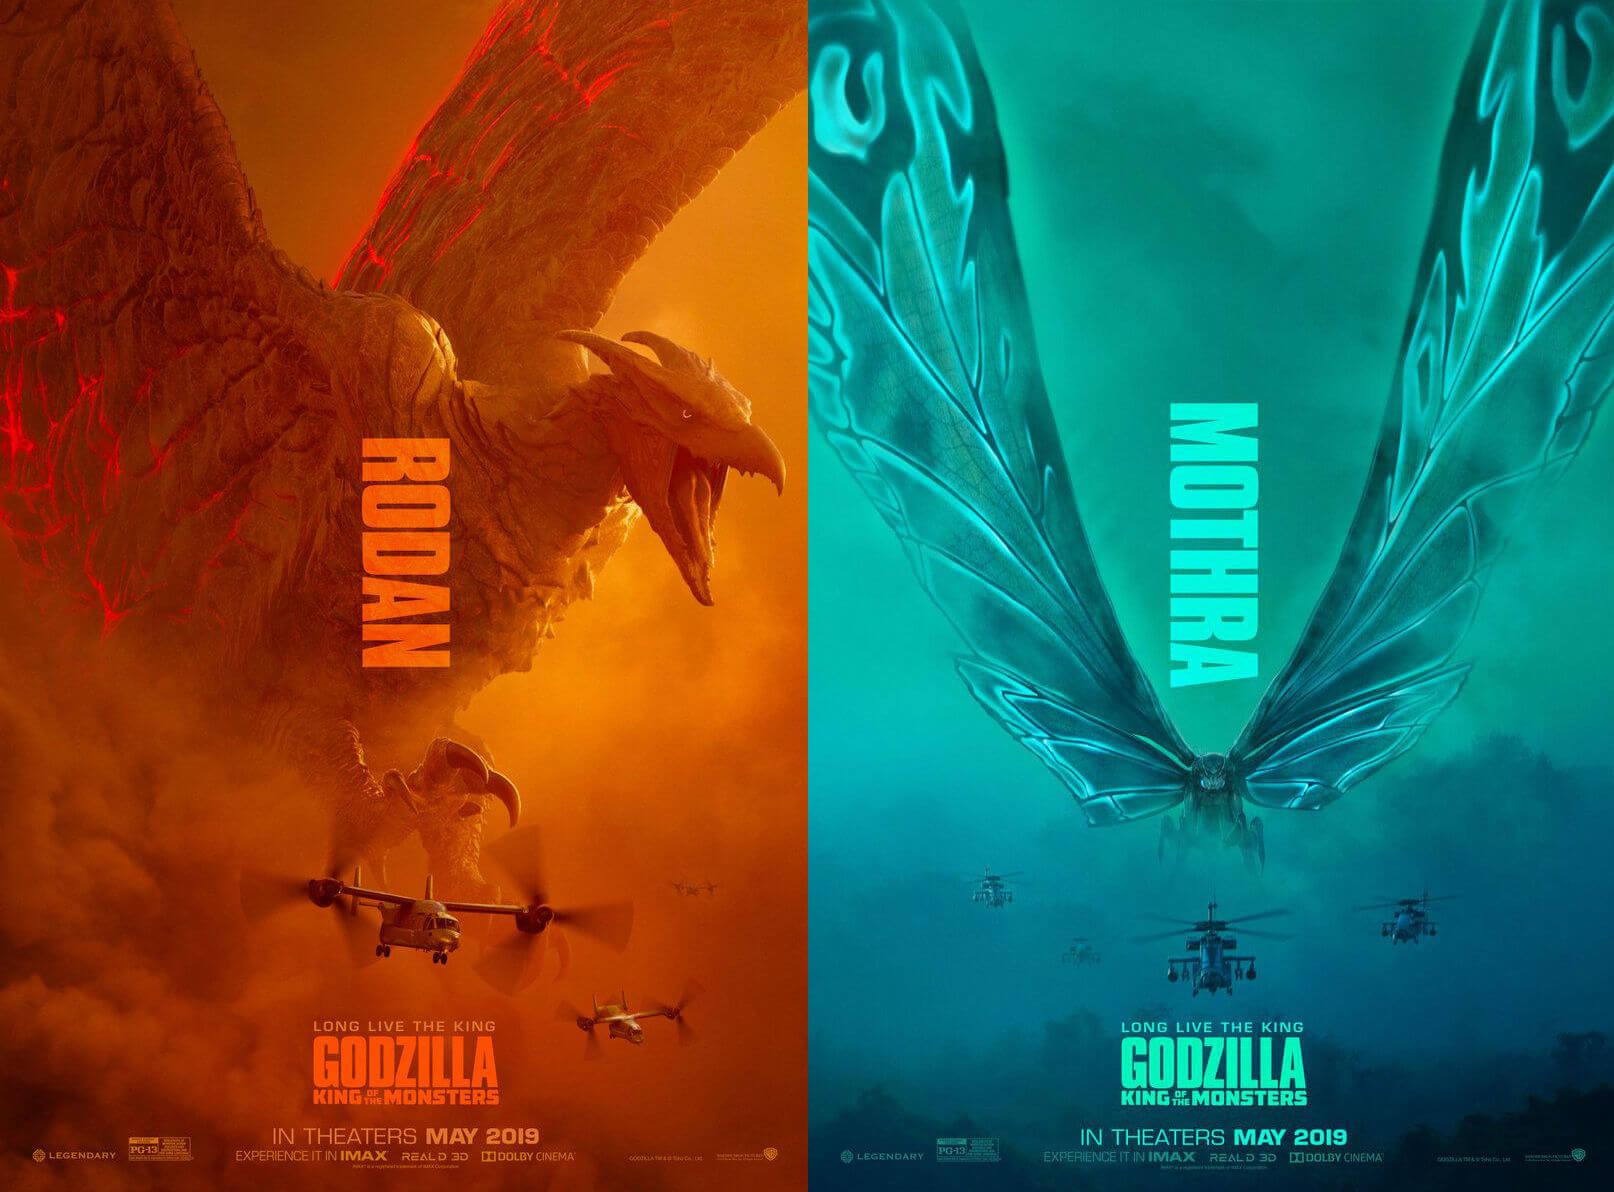 日本東寶經典特攝怪獸:拉頓 (Rodan) 以及摩斯拉 (Mothra) 也都將隨著哥吉拉陸續登陸好萊塢。